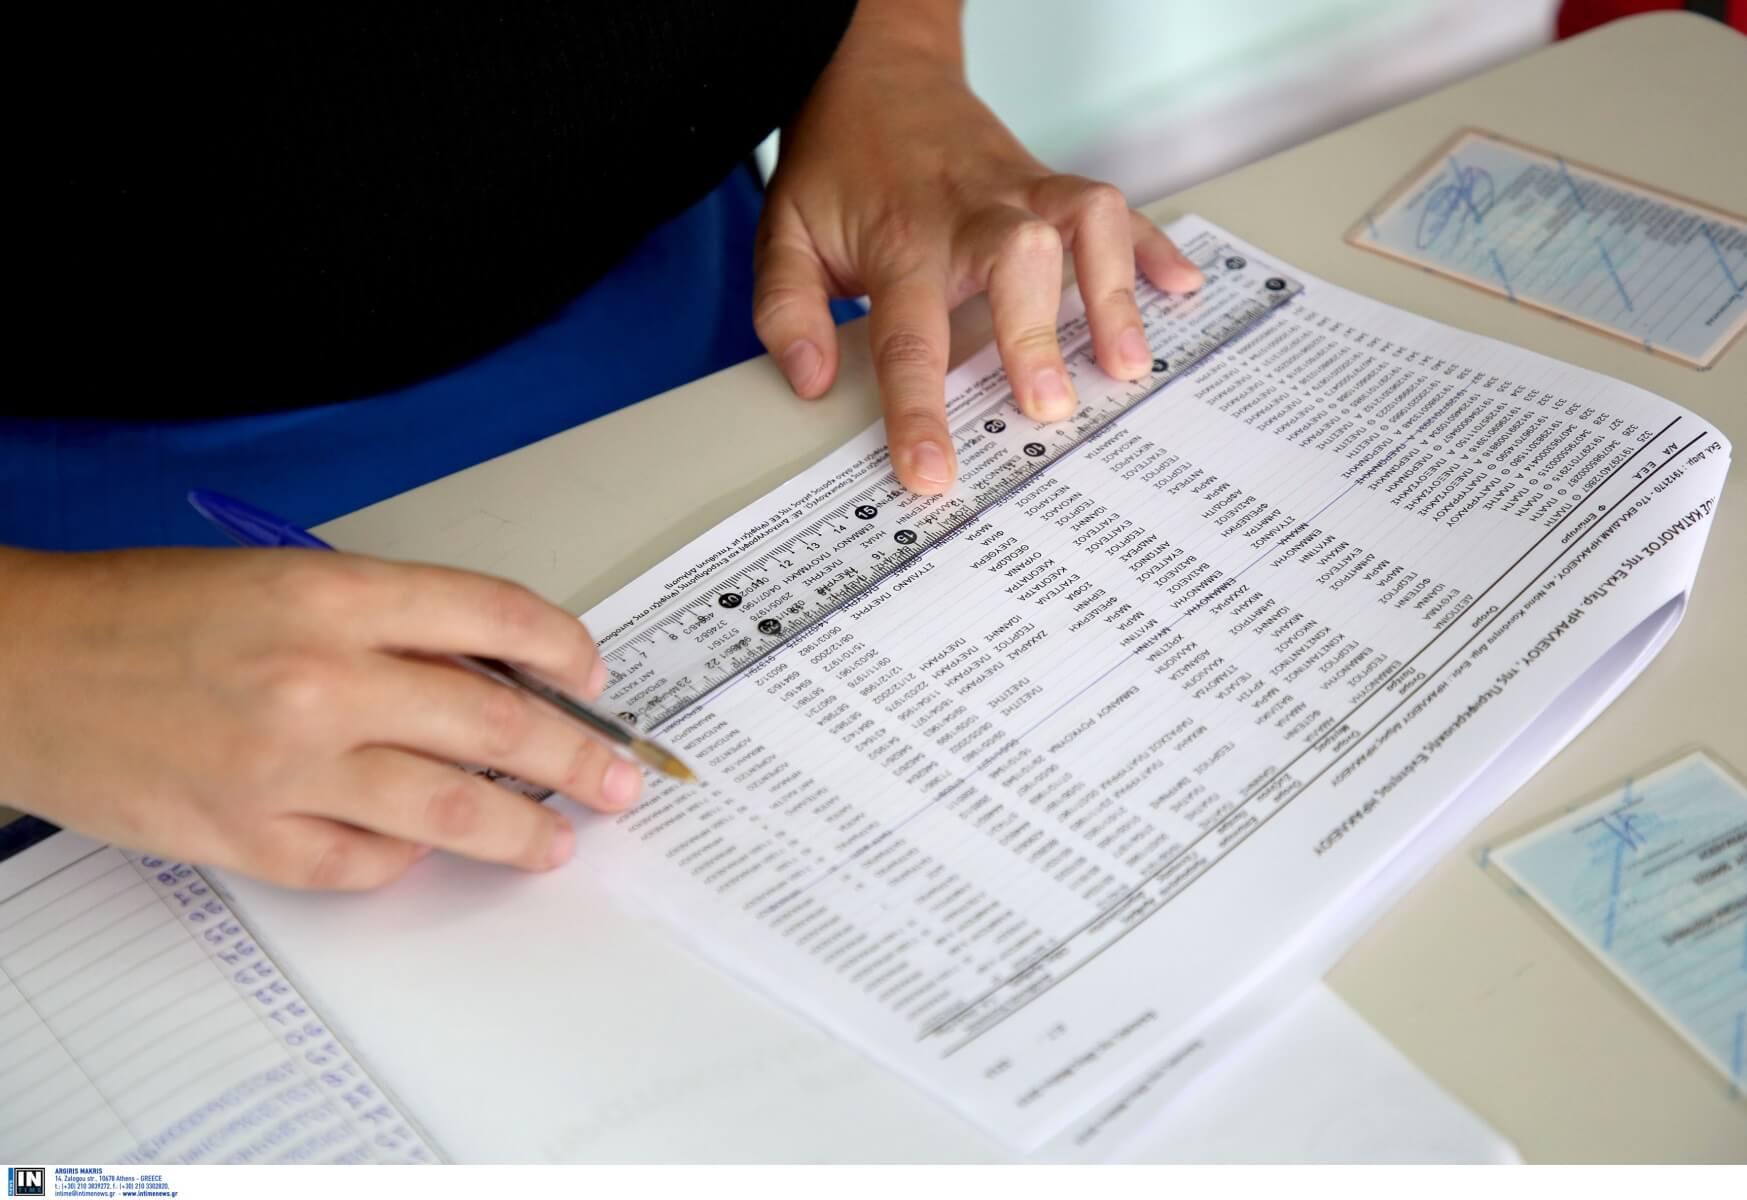 Μάθε που ψηφίζεις! Αλλαγμένα τα εκλογικά τμήματα